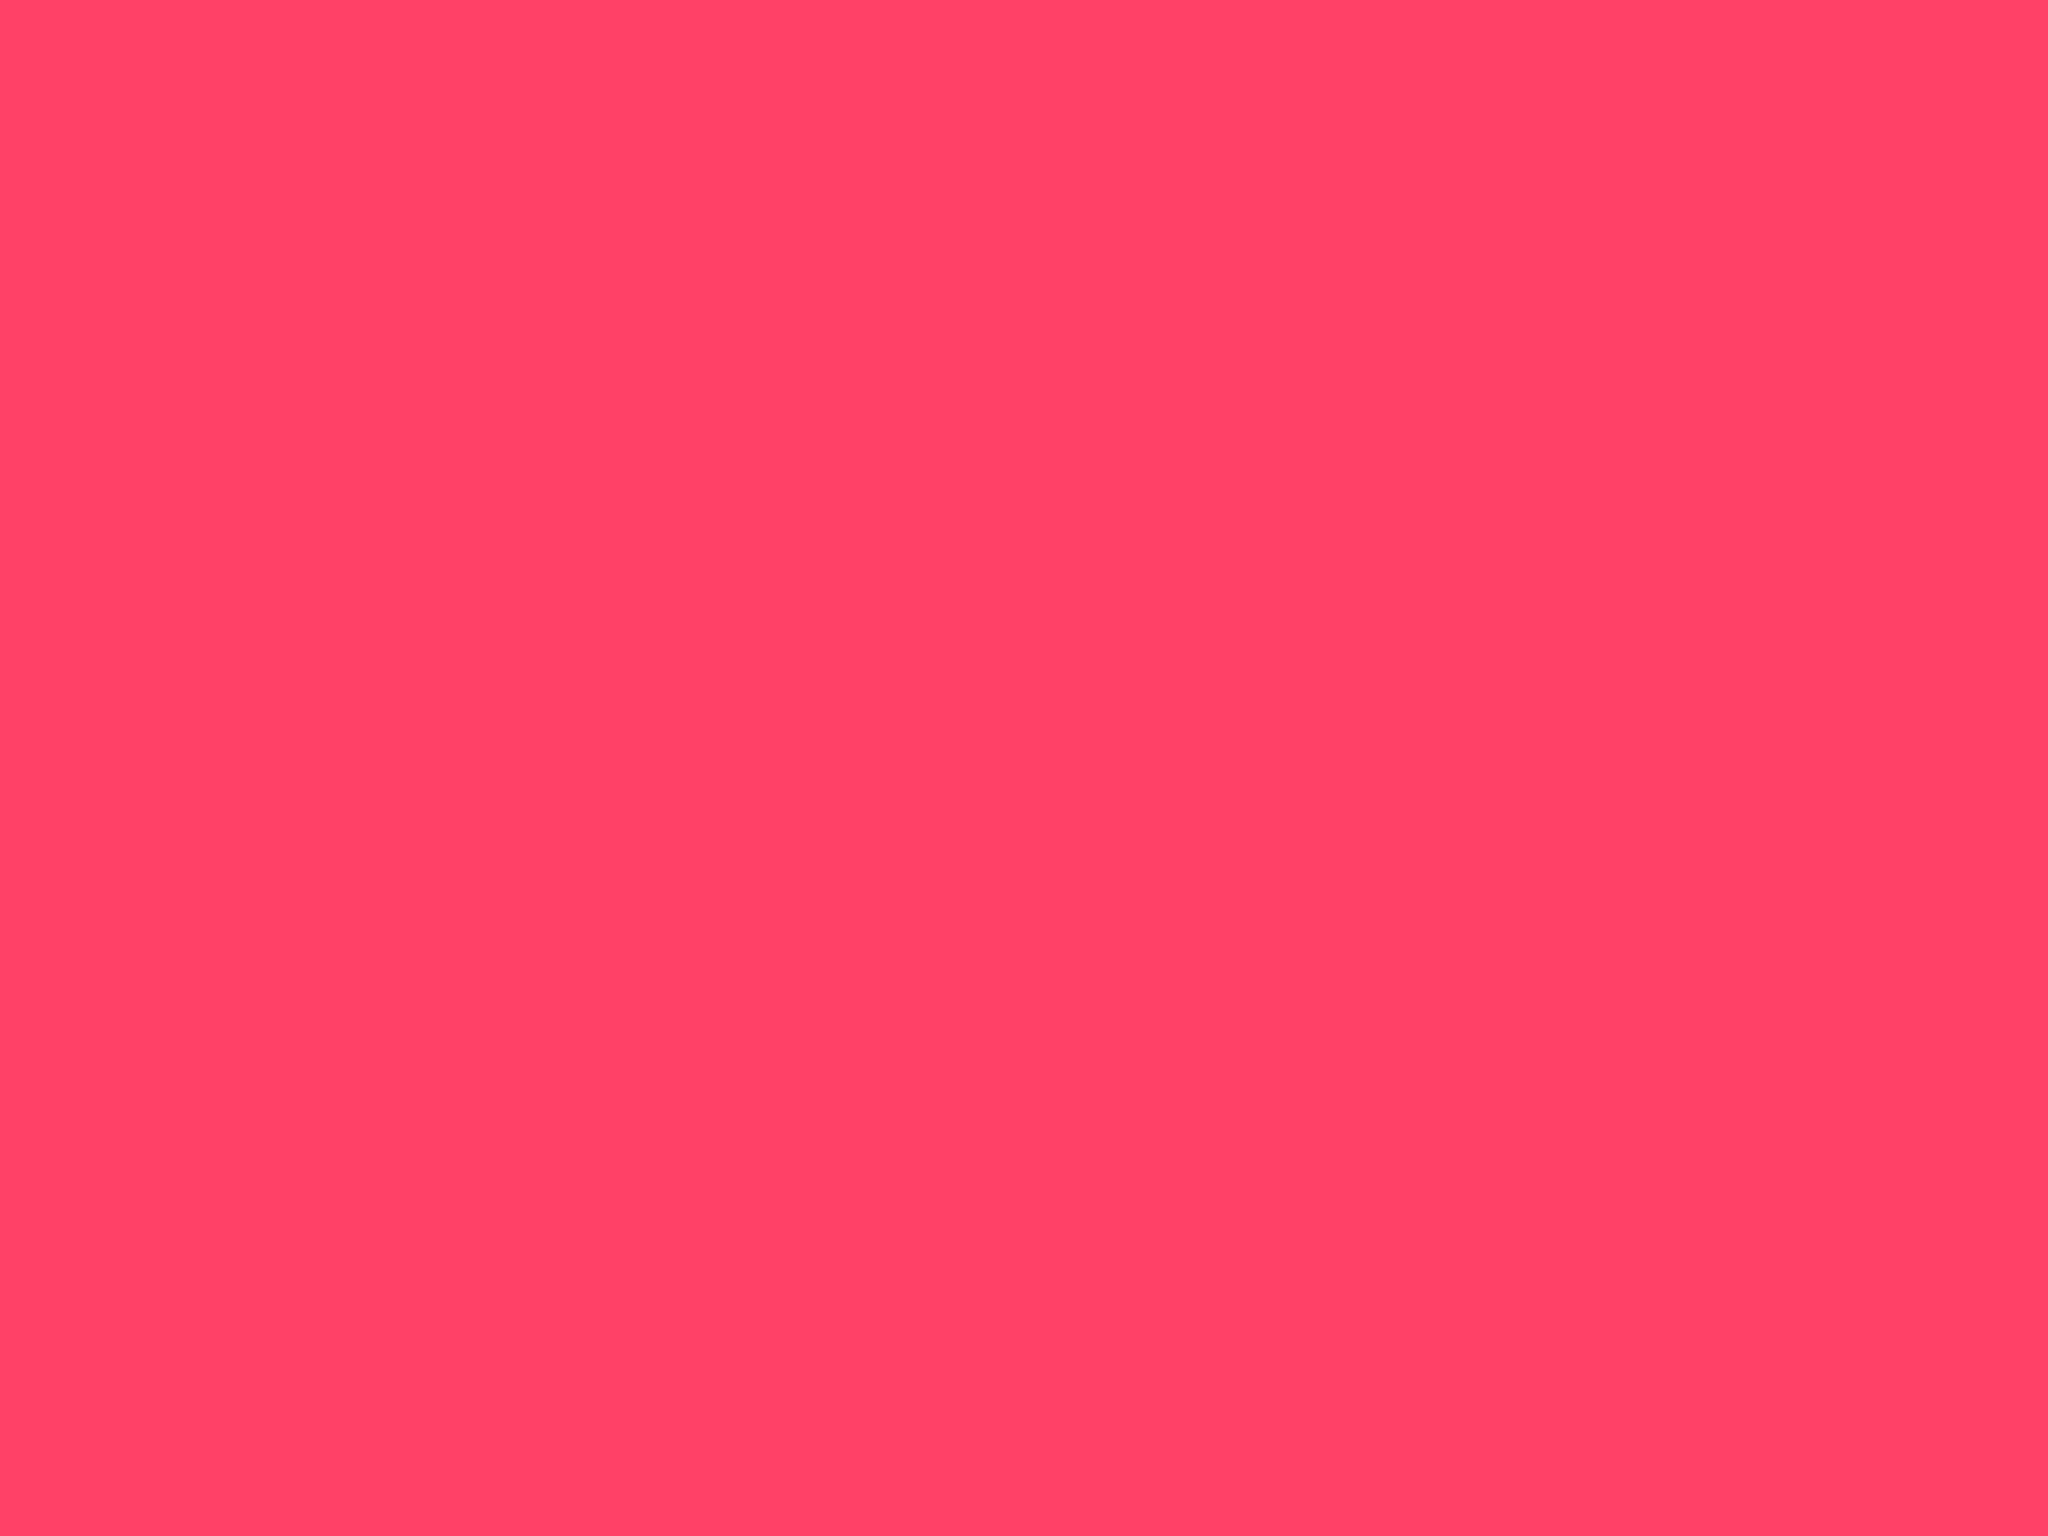 2048x1536 Neon Fuchsia Solid Color Background